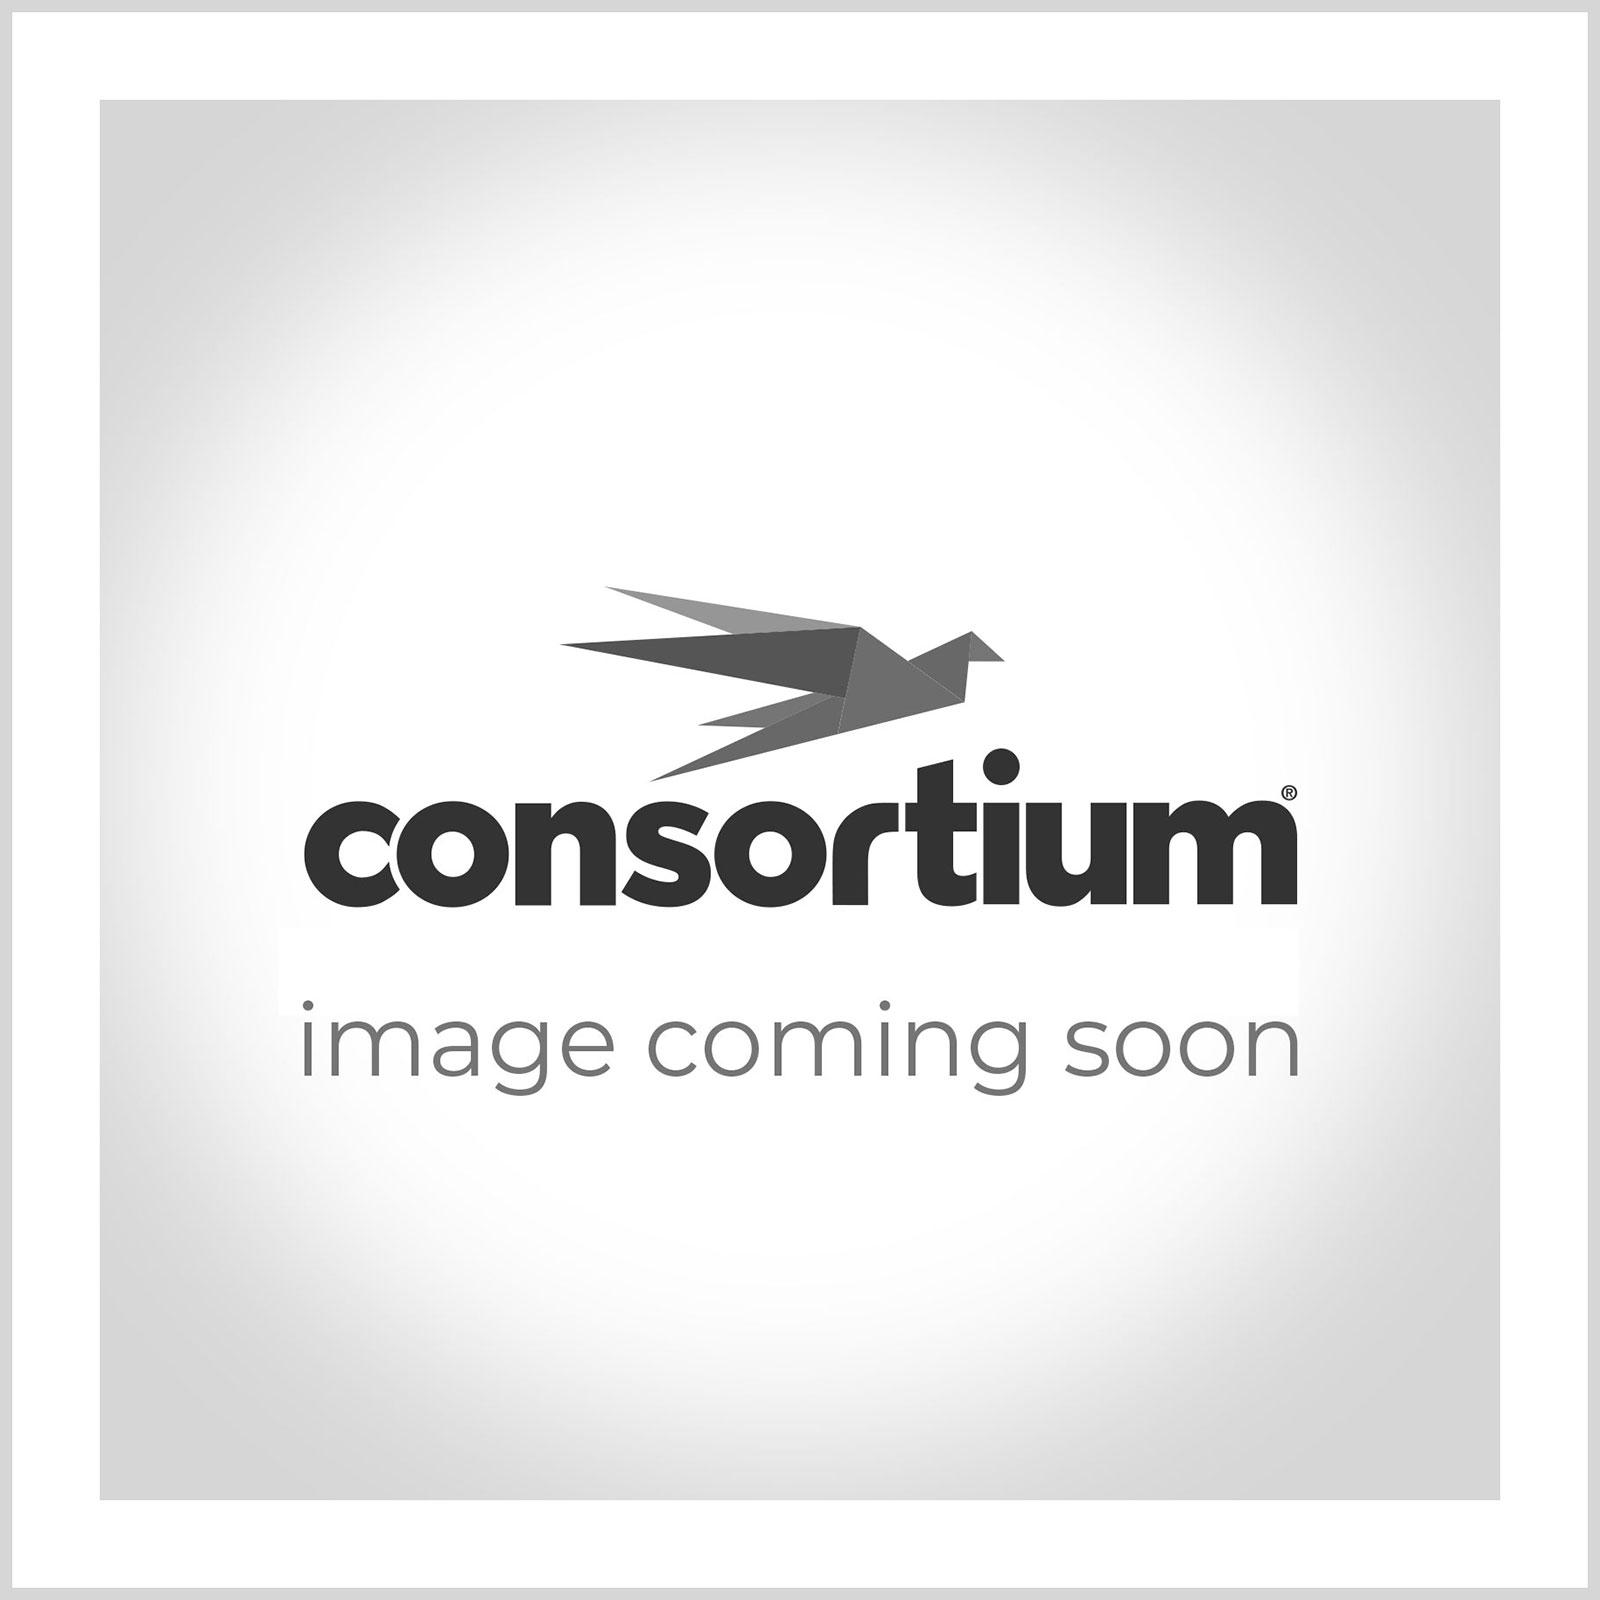 Consortium Mini Handwriting Whiteboard Kit